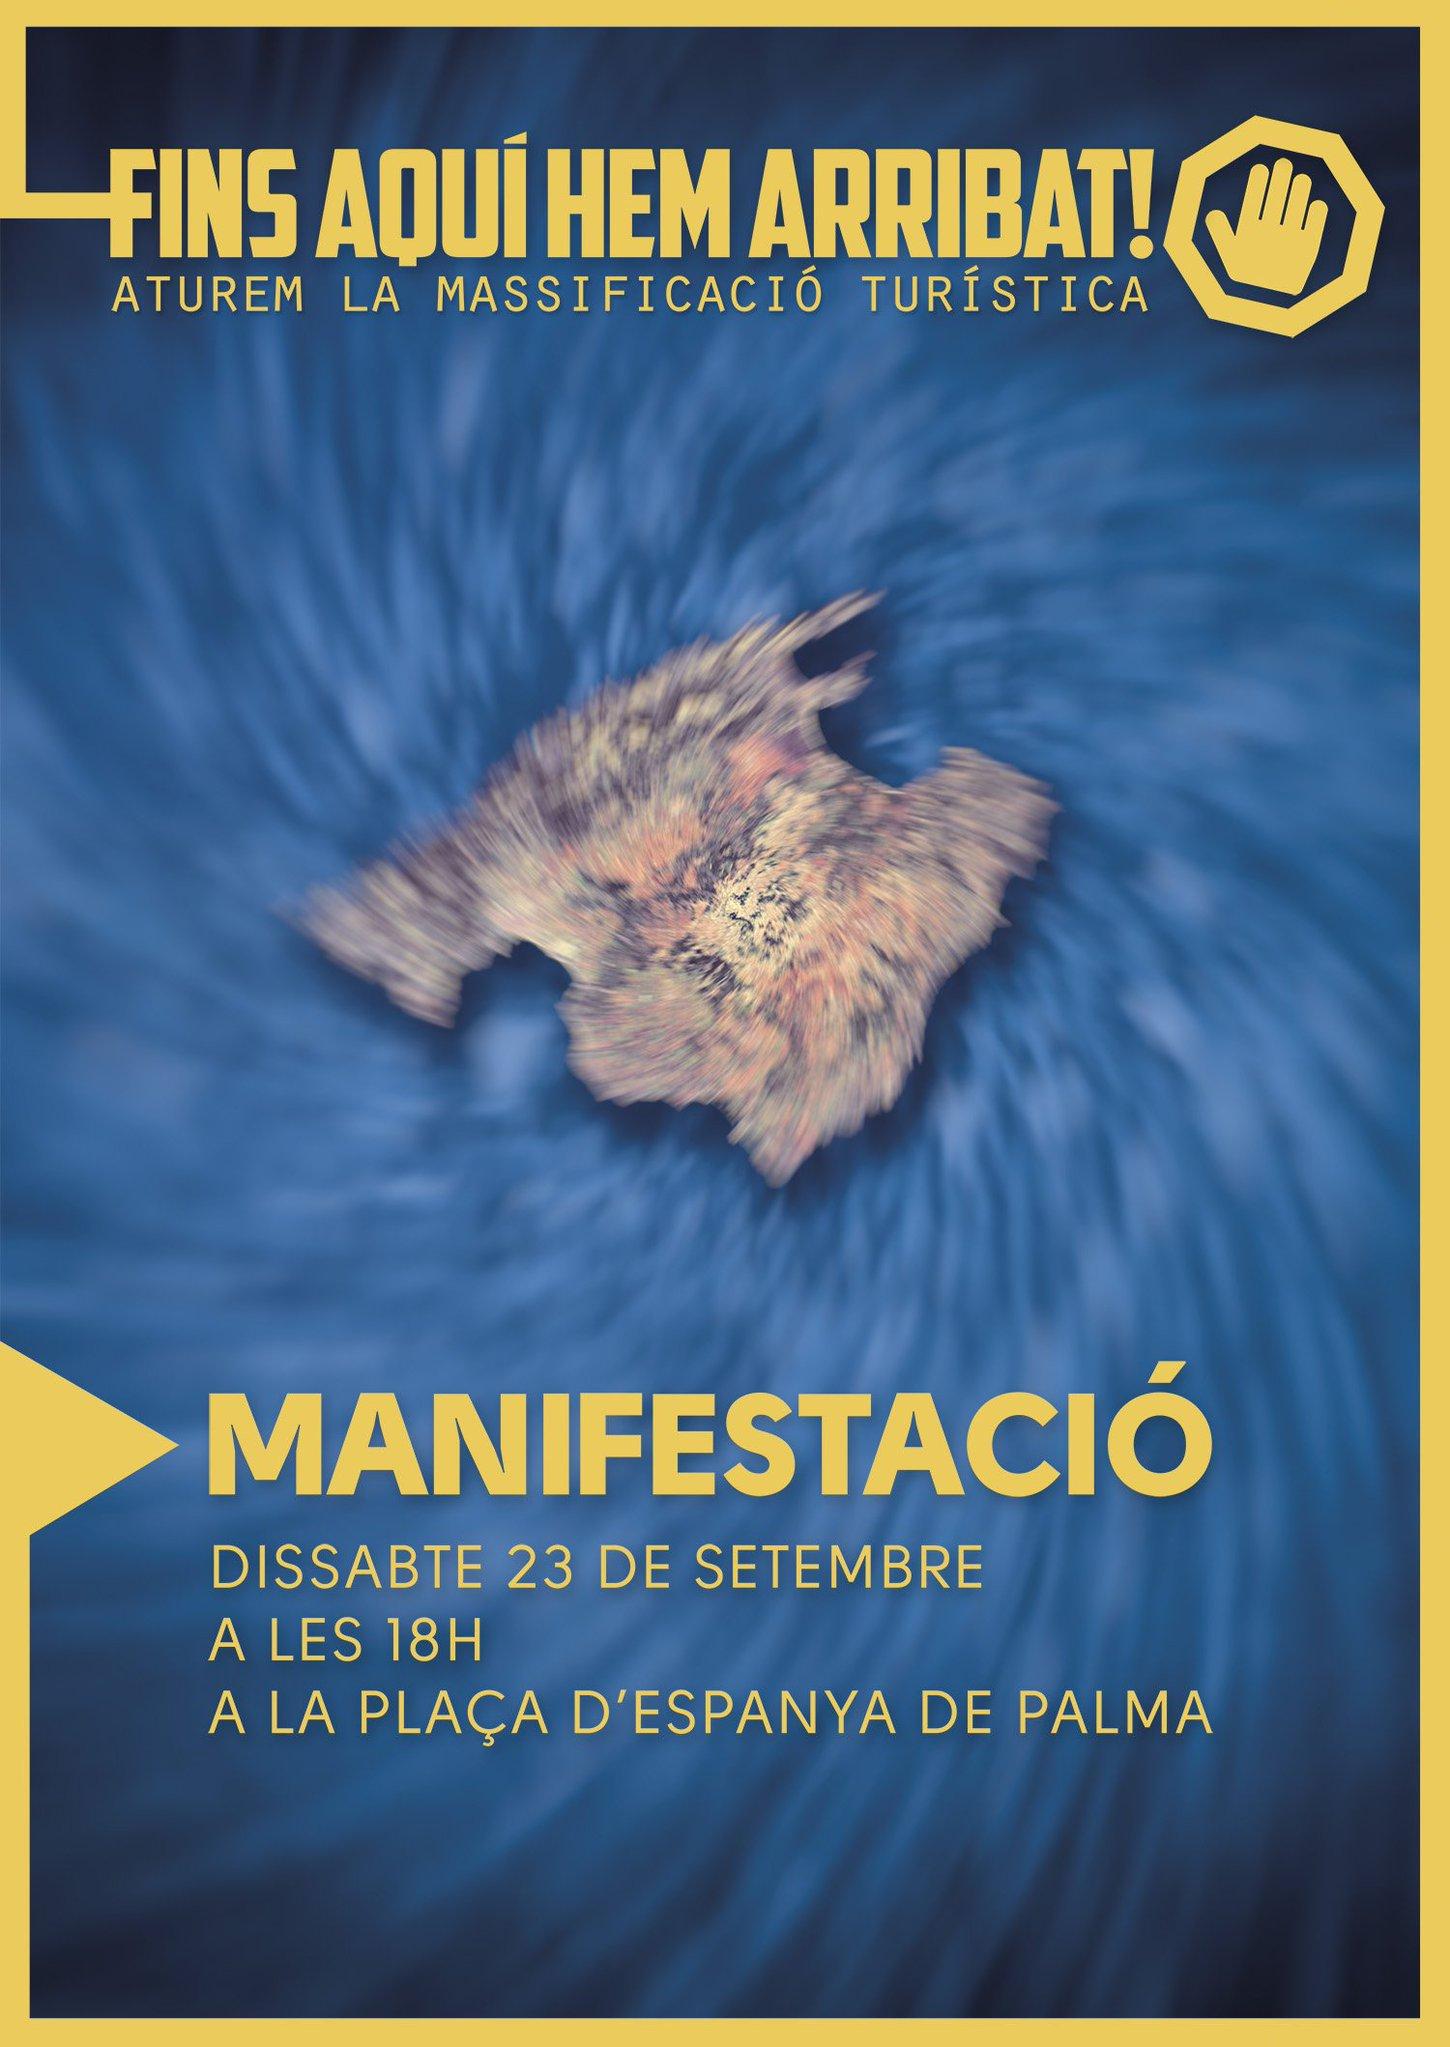 #FinsAquíHemArribat Milers de persones reivindiquen a #Palma un nou model turístic https://t.co/aoW6DhUUiw @Fins_Aqui @eimallorca pic.twitter.com/cvhK6J2o8U — COS Països Catalans (@COSnacional) 23...